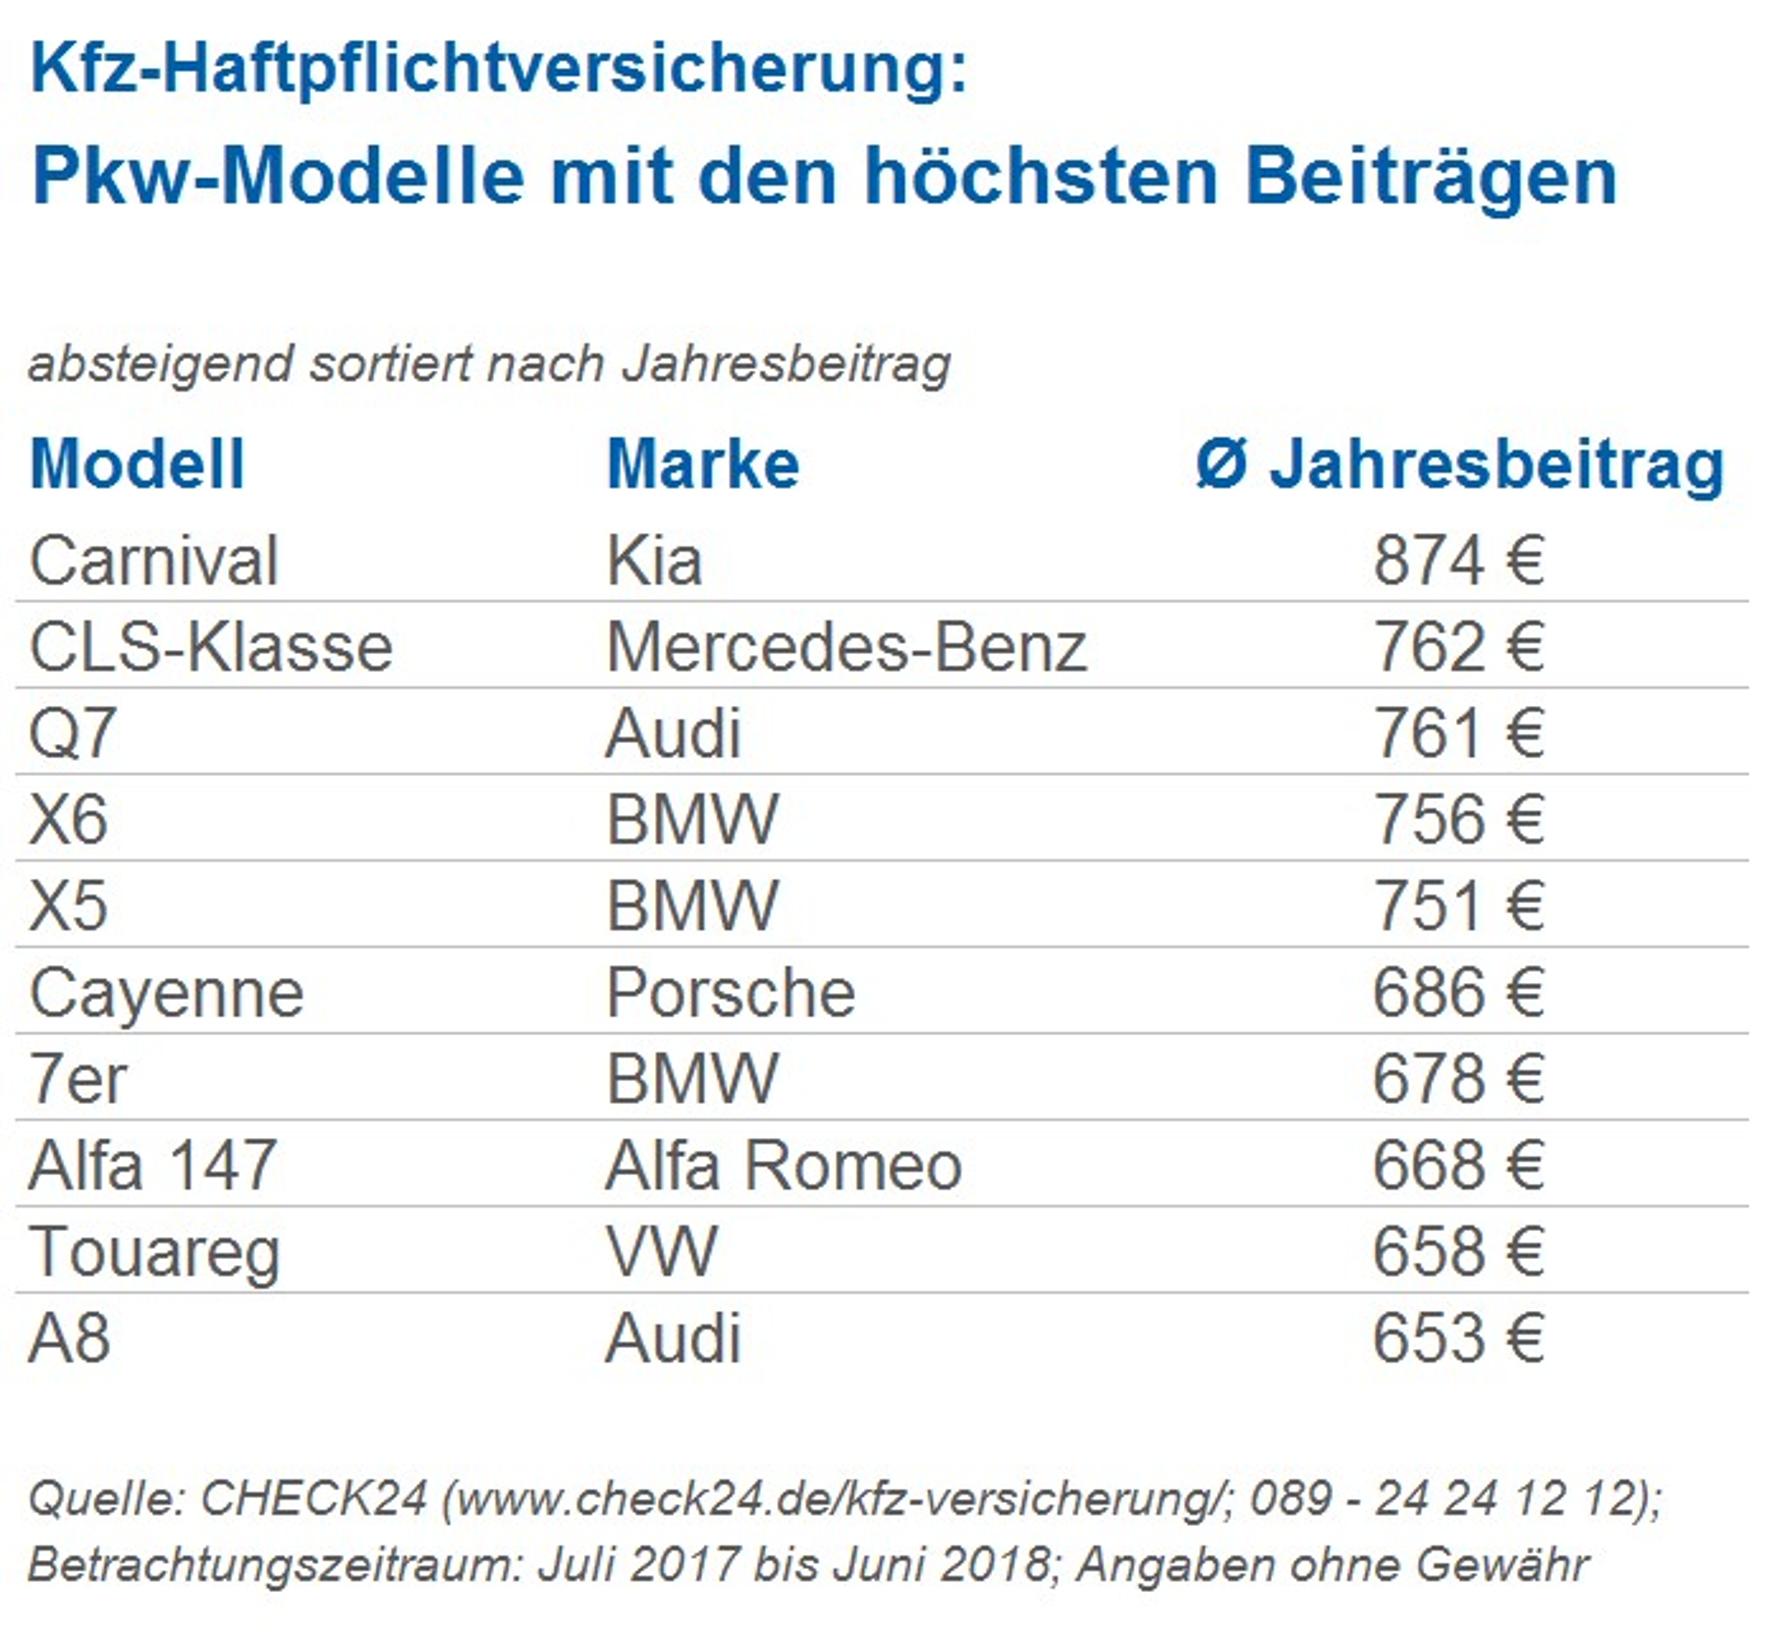 mid Groß-Gerau - Beim Jahresbeitrag für die Kfz-Haftpflichtversicherung ist der Kia Carnival Spitzenreiter. Check24